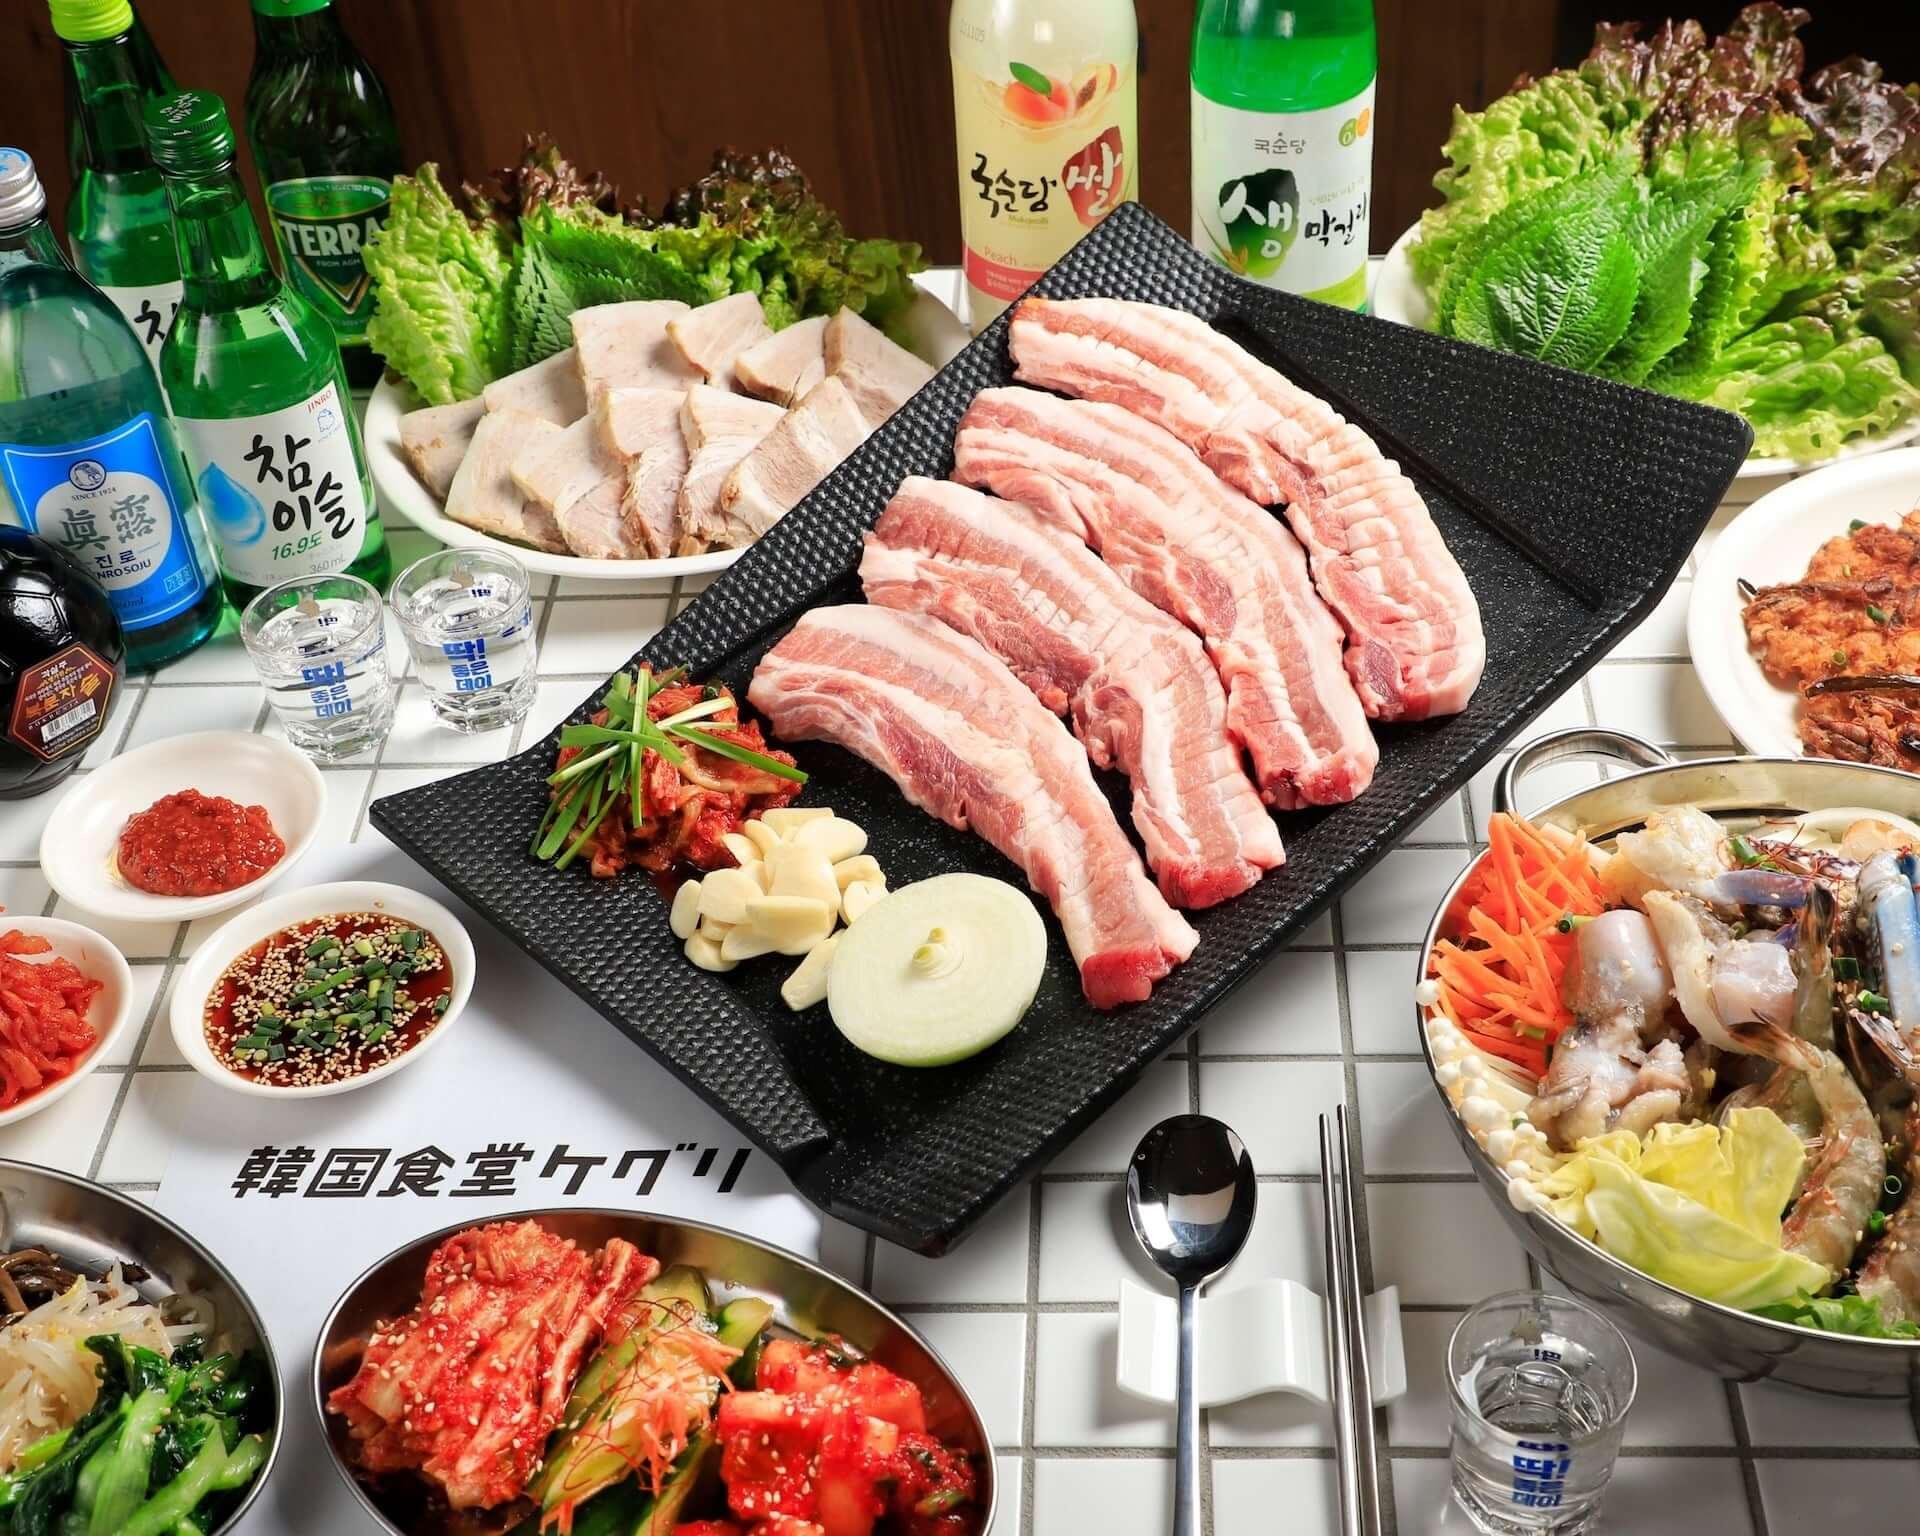 北海道産のワタリガニを使用した『生カンジャンケジャン』が「韓国食堂ケグリ」に登場!1日10食限定で販売開始 gourmet201029_kankokushokudou-keguri_1-1920x1536